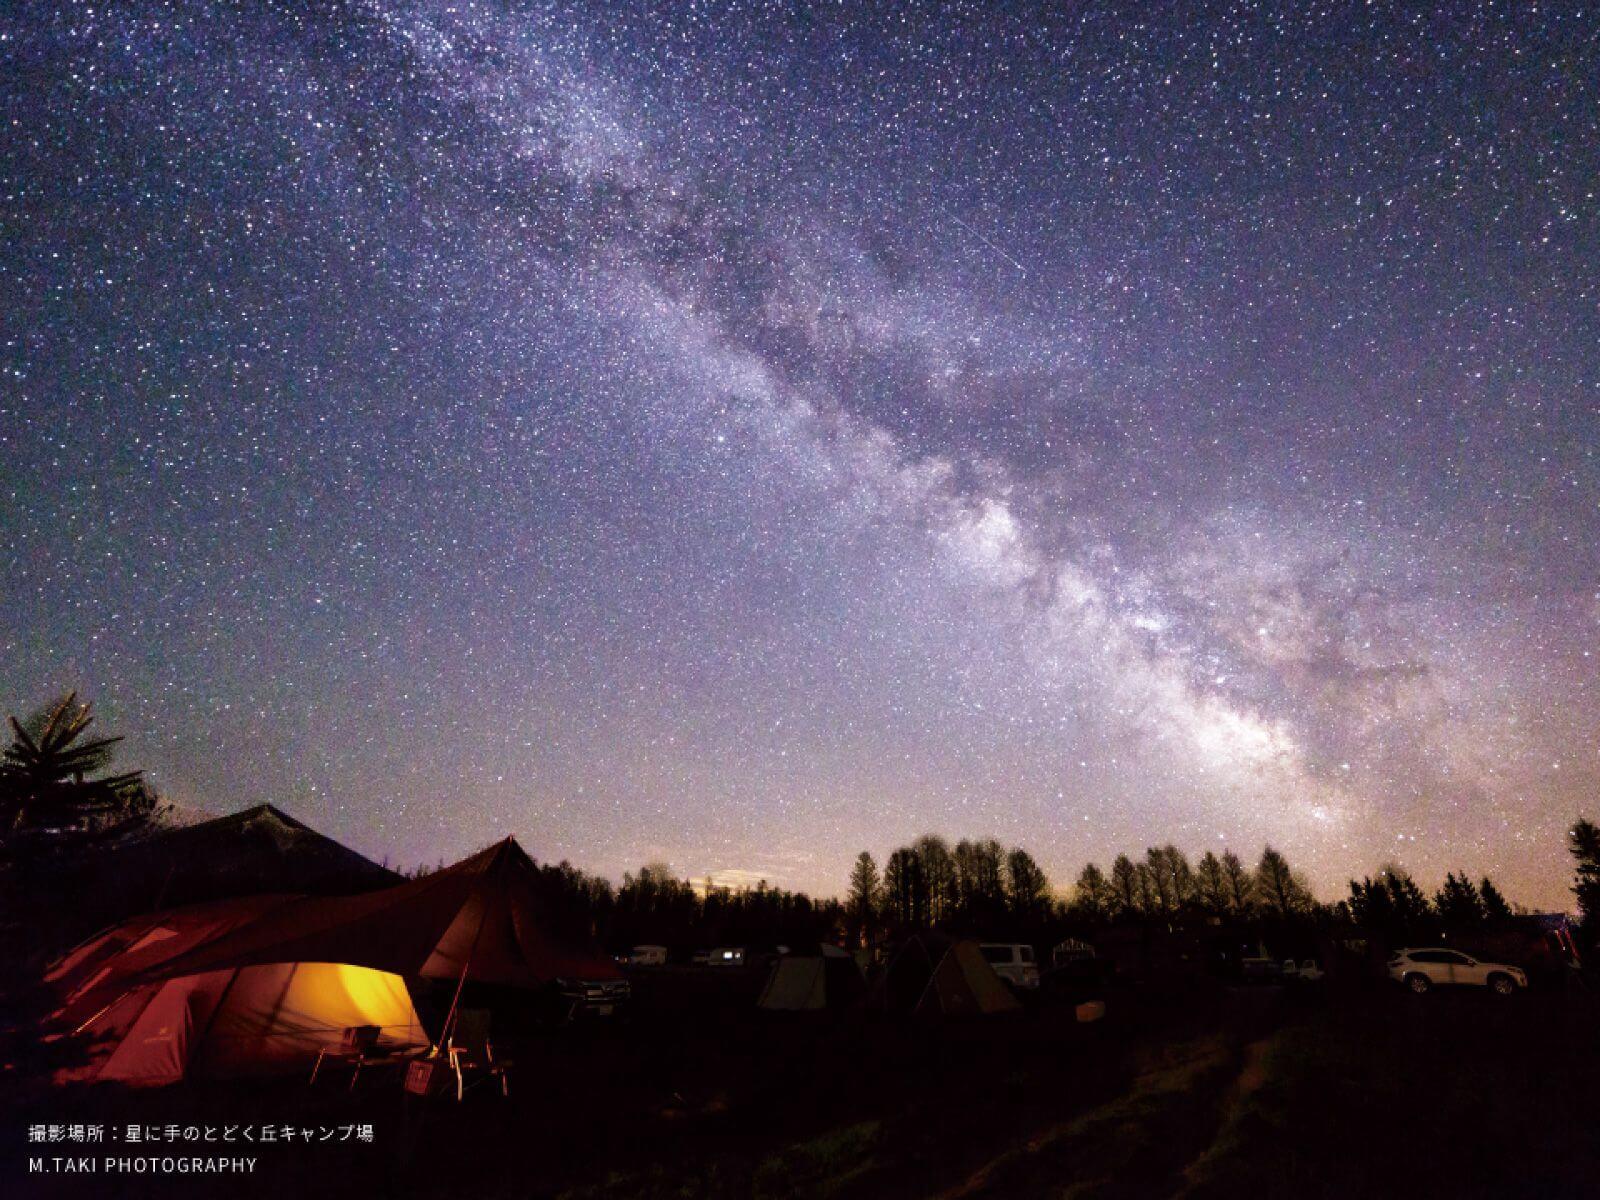 伸手就可觸摸到繁星的丘陵露營場